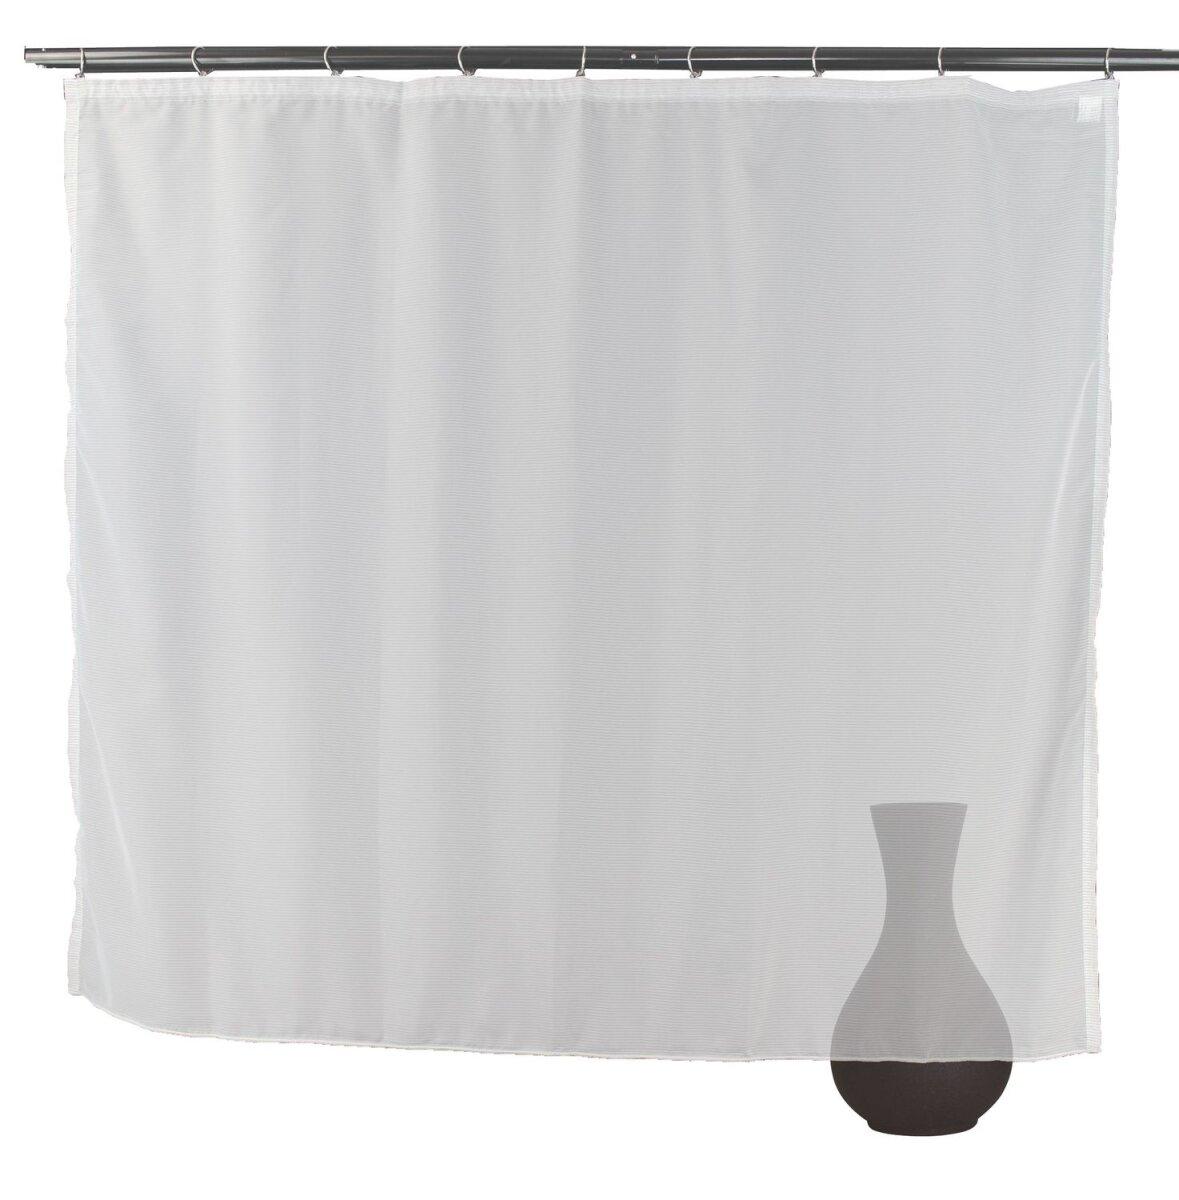 gardine grau gardinenband kr uselband querstreifen transparenter. Black Bedroom Furniture Sets. Home Design Ideas